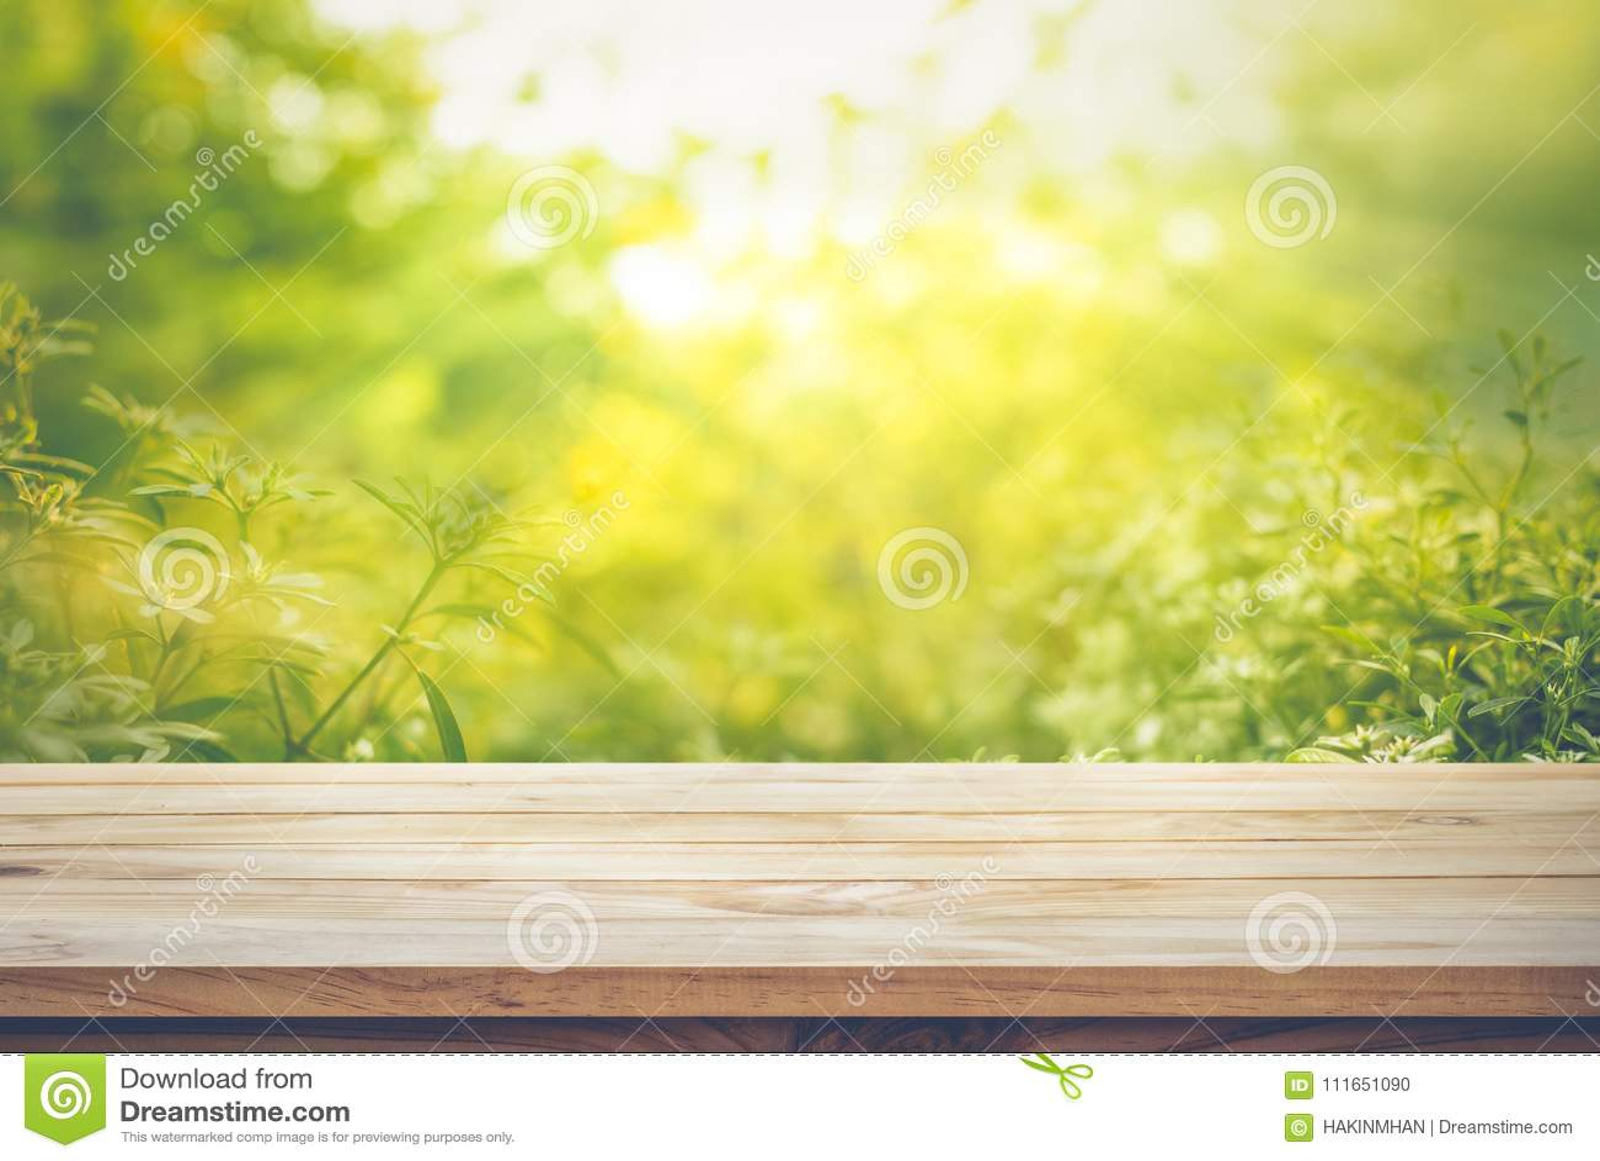 倒空在新绿色摘要迷离的木台式从庭院的